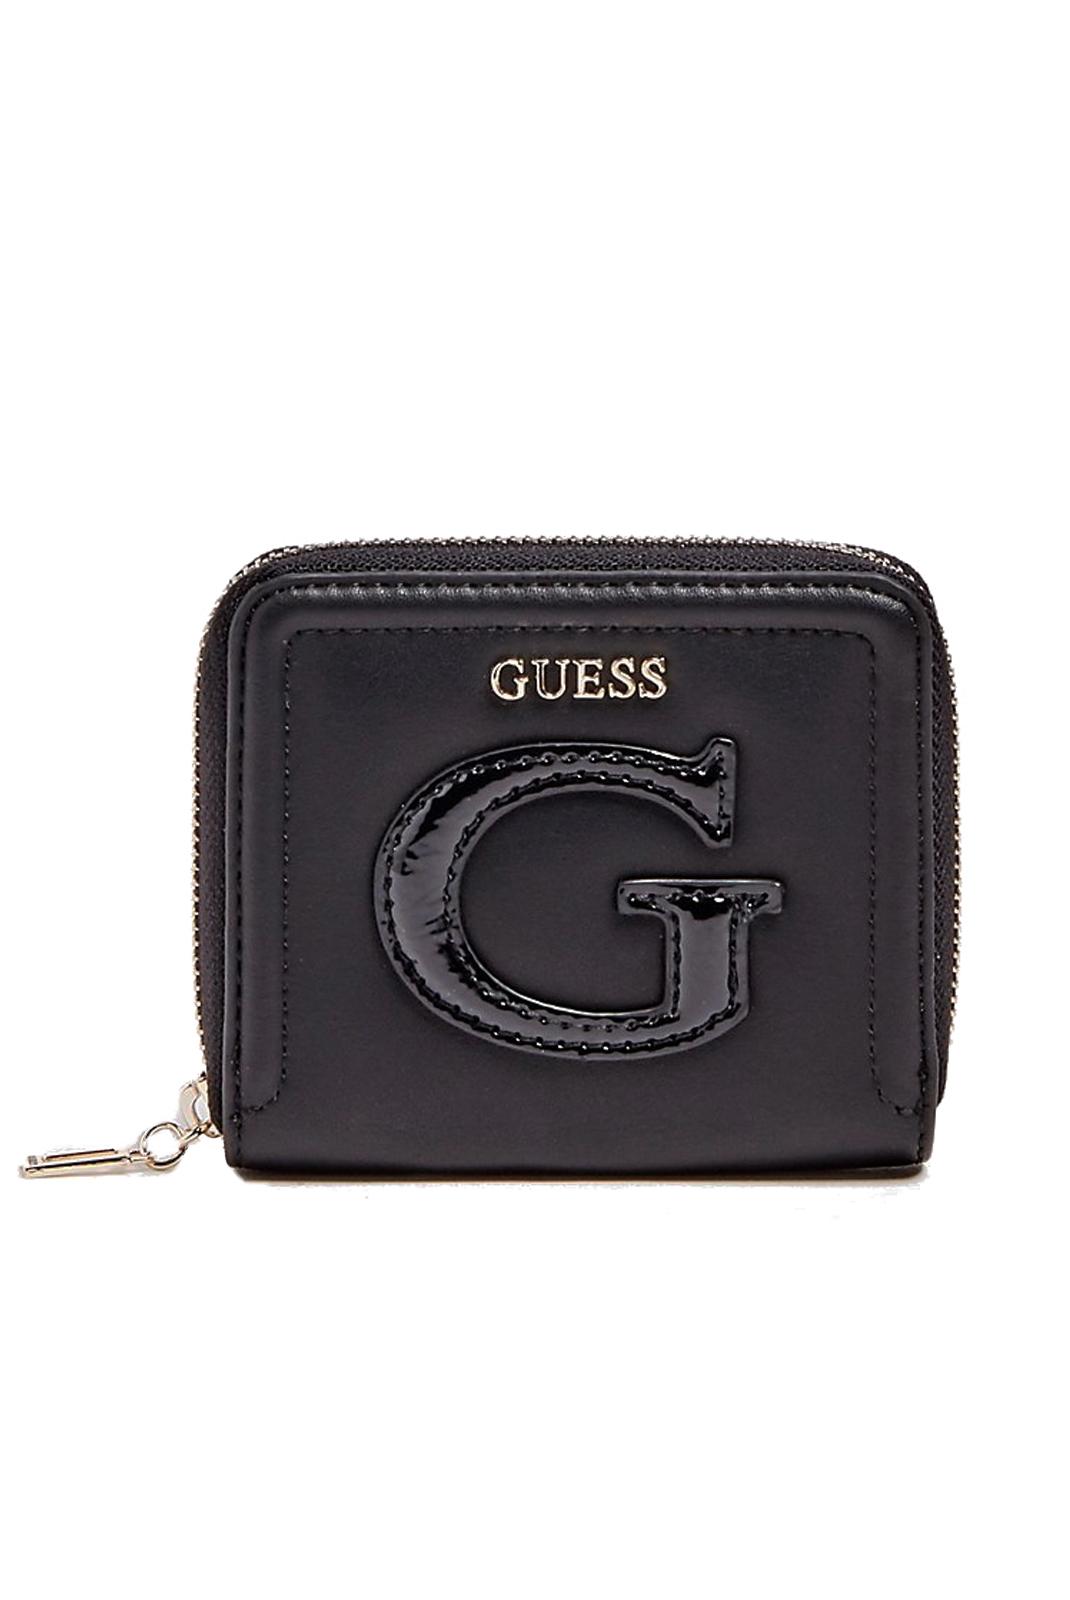 Portefeuilles / Porte-monnaie  Guess jeans SWPG74 40370 chrissy BLACK